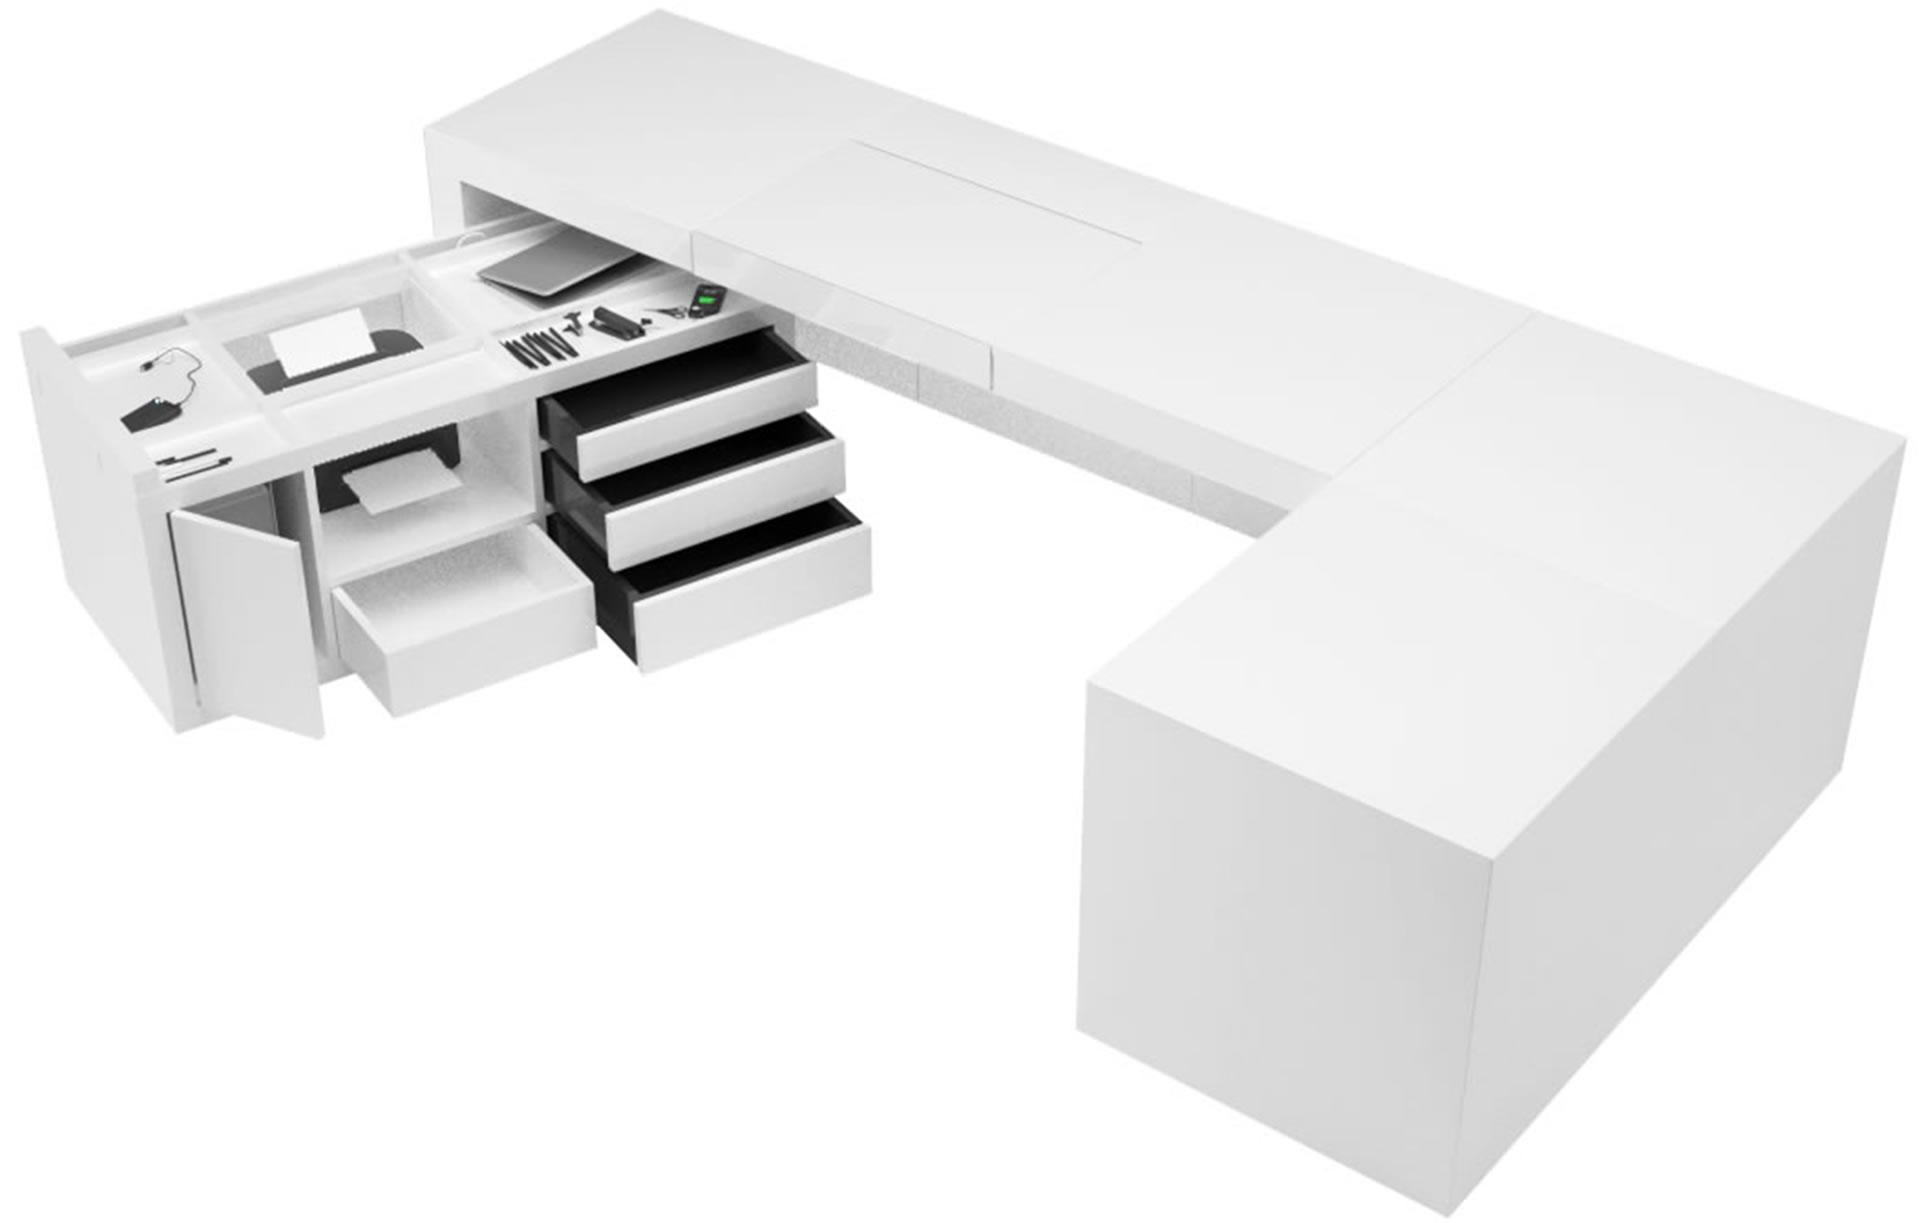 Schreibtisch Designermöbel Schreibtisch Container: Spice In Mdf Weiß  Hochglanz.